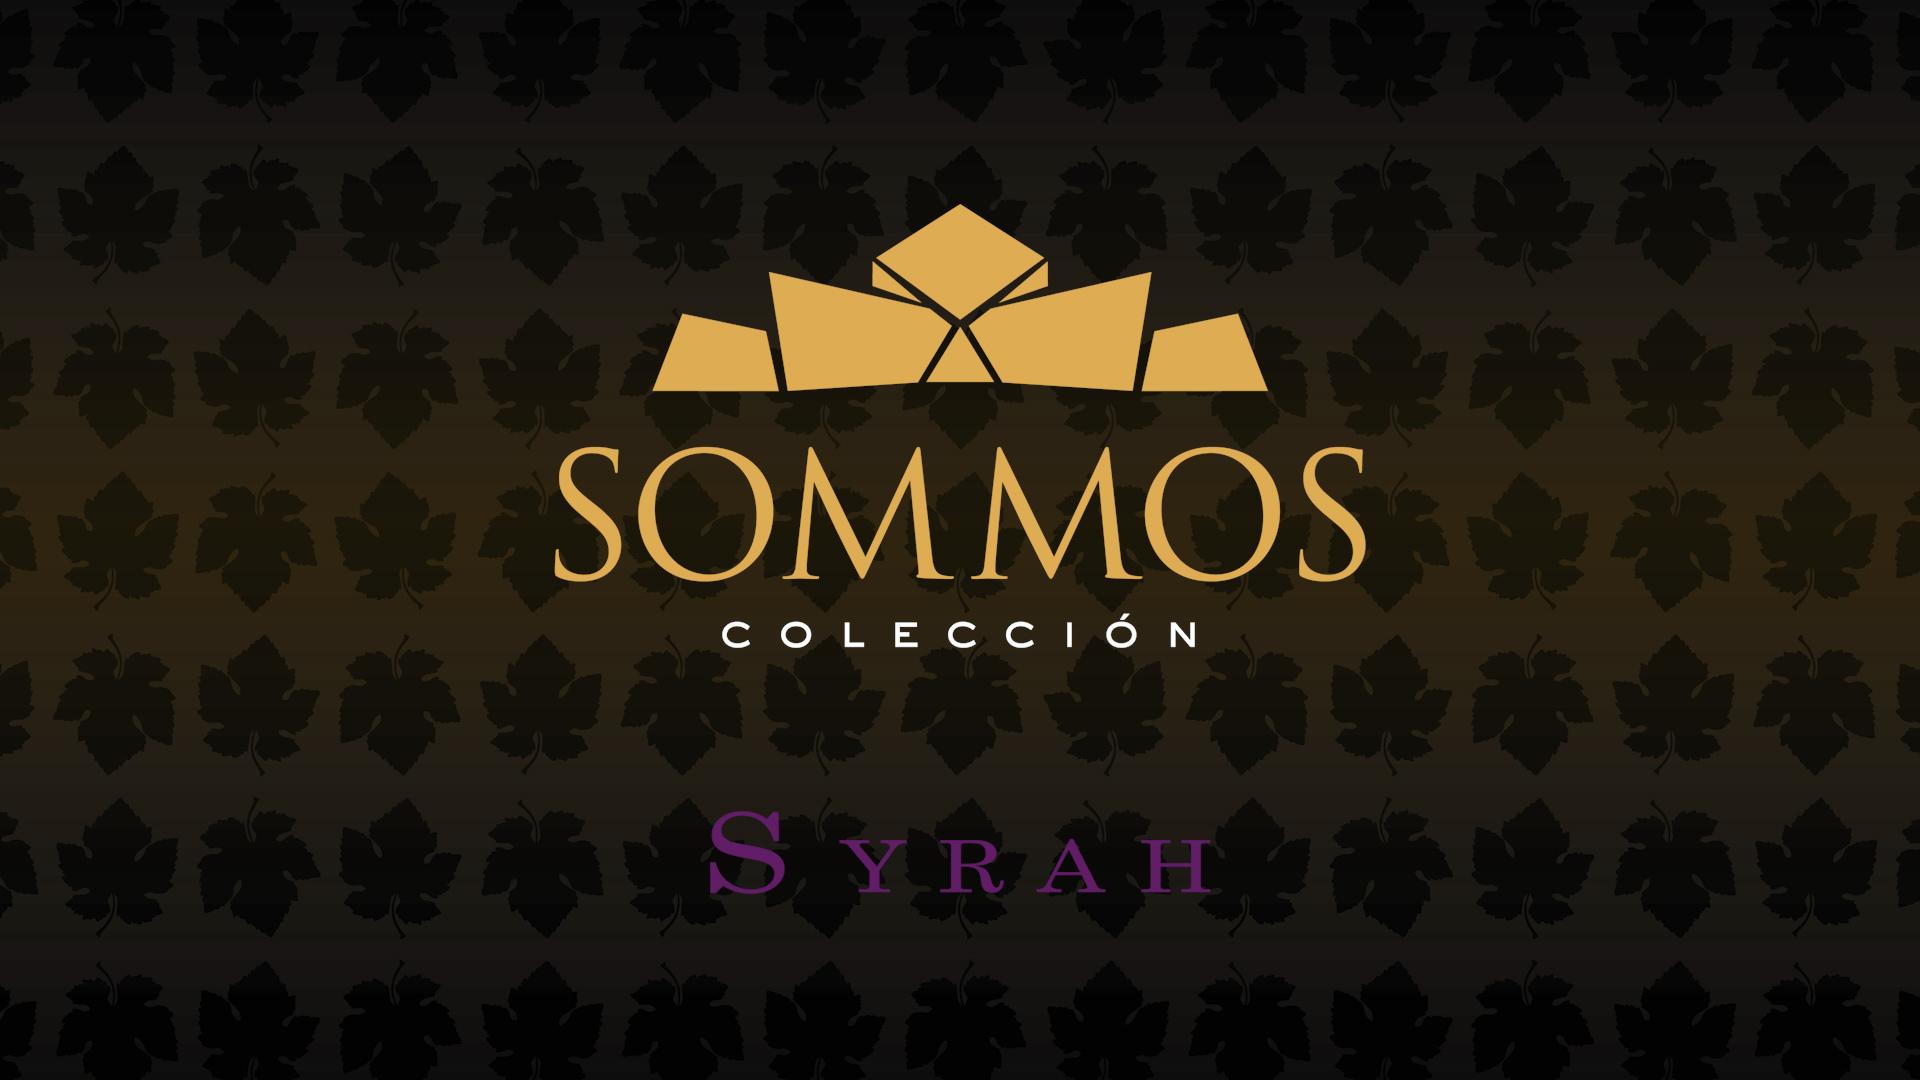 SOMMOS Colección - Syrah